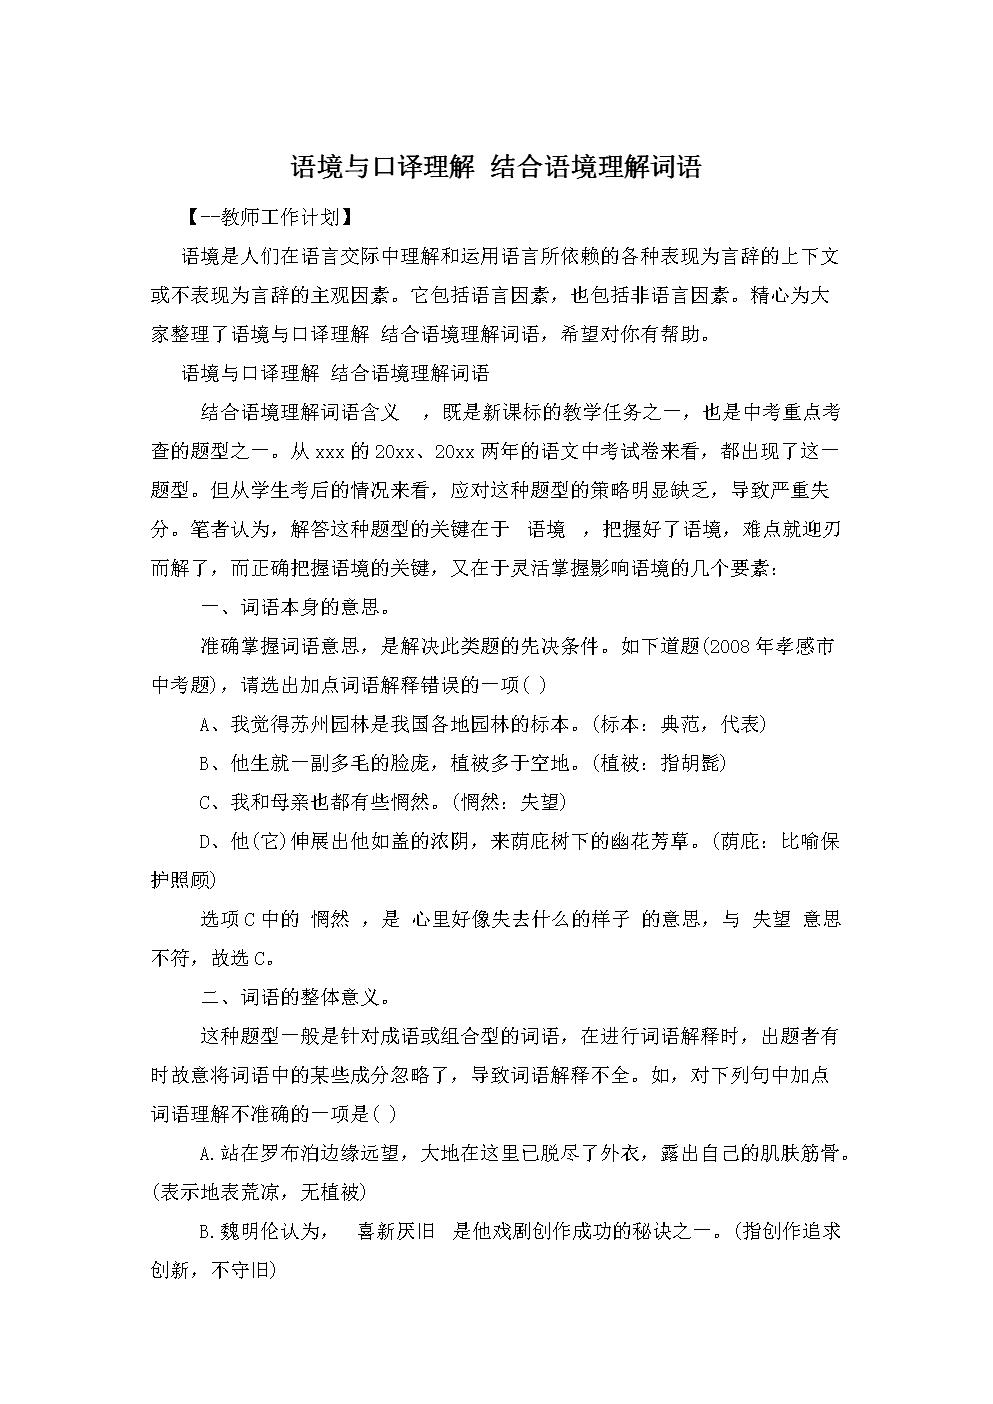 语境与口译理解 结合语境理解词语.doc